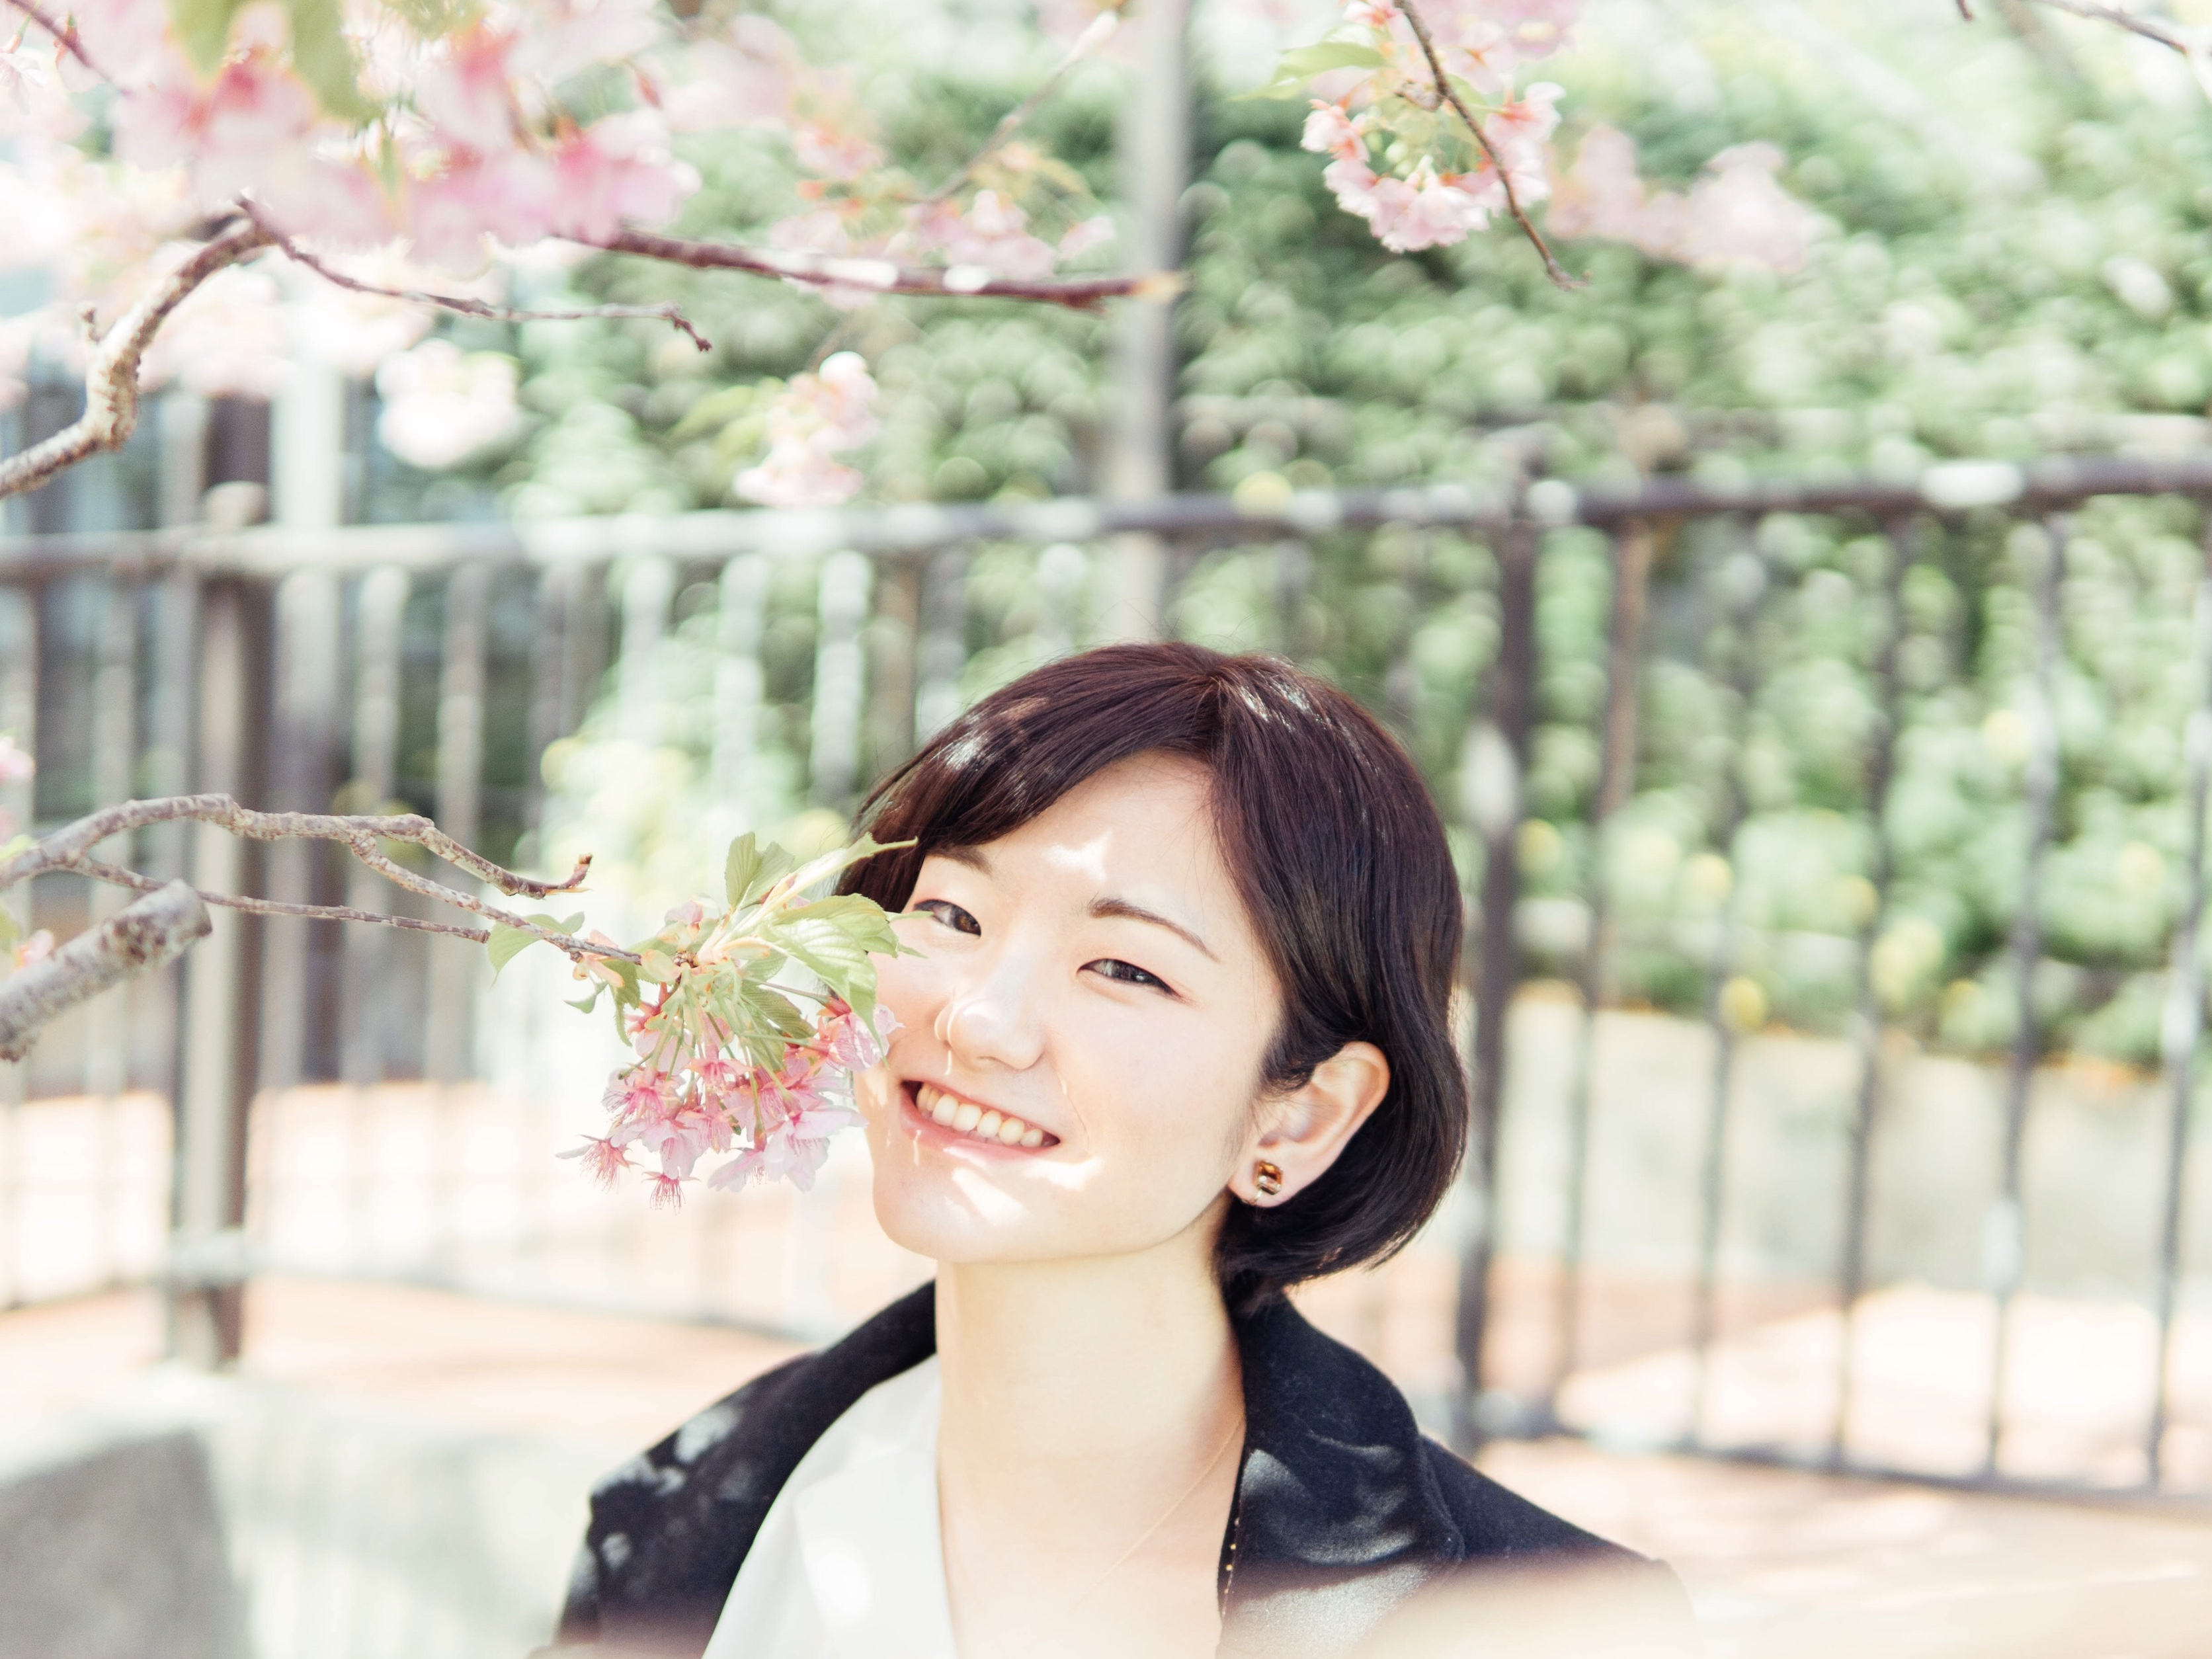 ayakakimura プロフィール画像